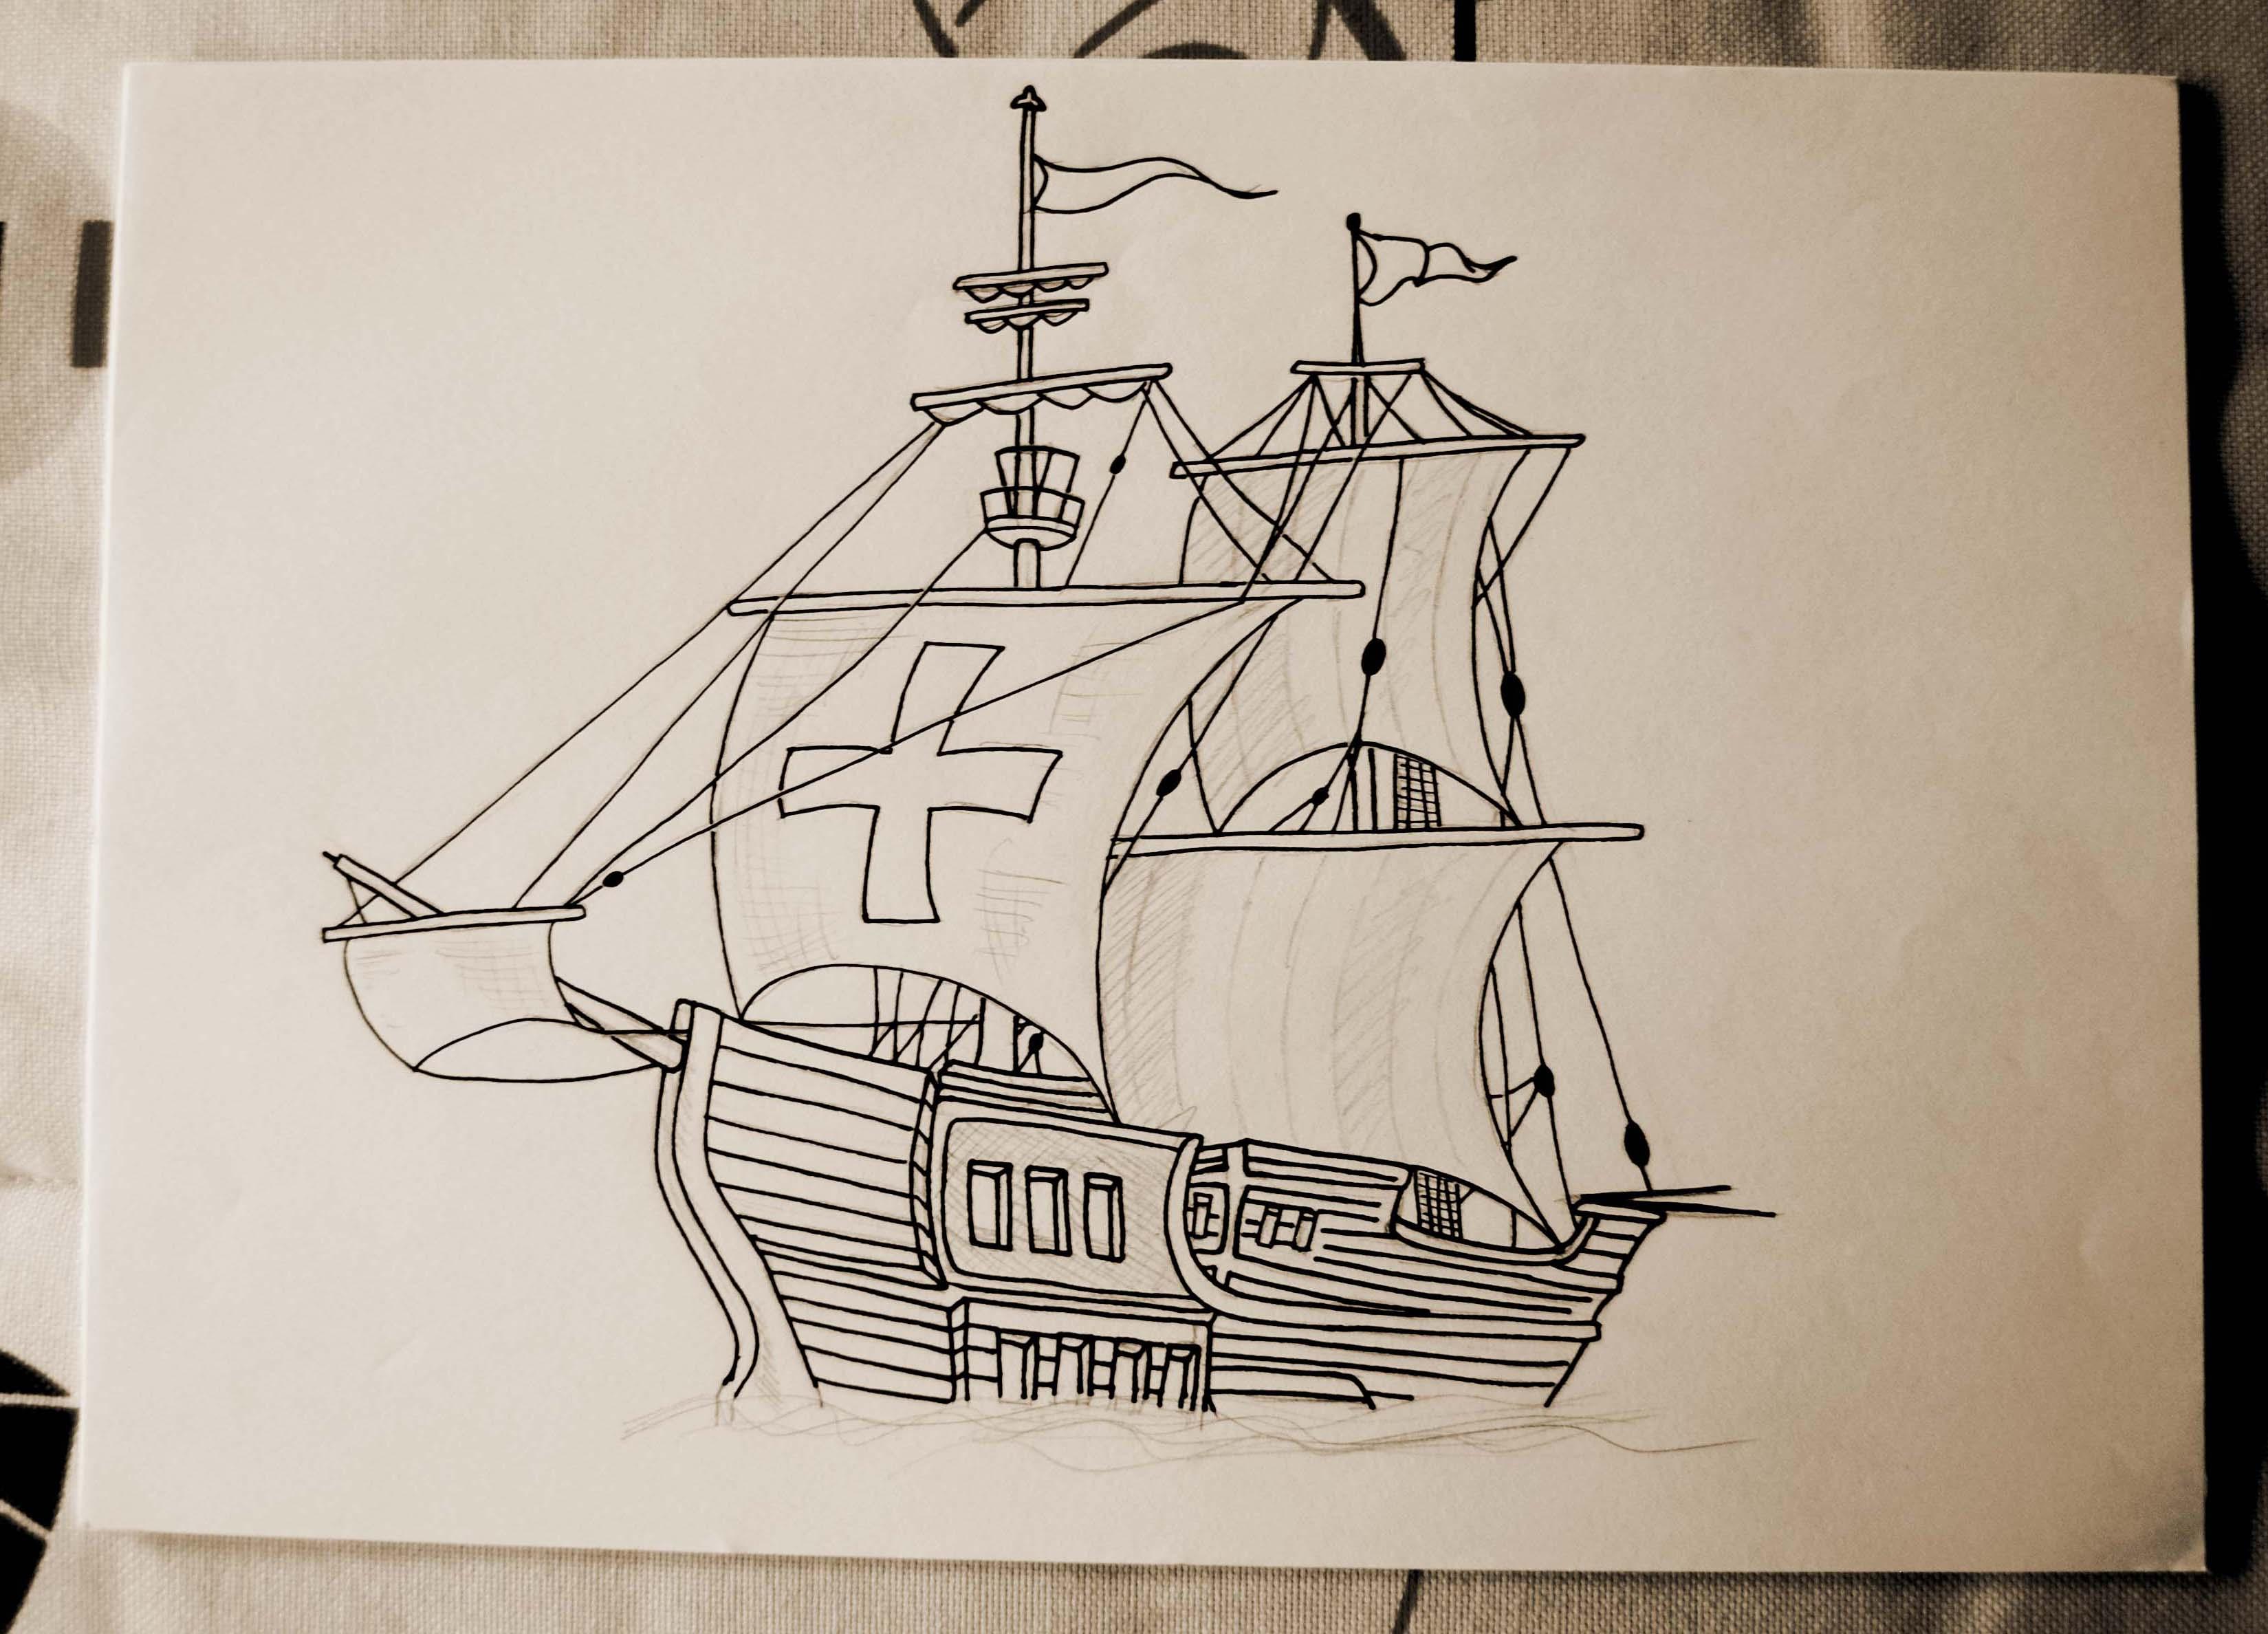 3298x2376 Carabela Ii Caravel Ii. Dibujo De Una Carabela. Ilustracion De